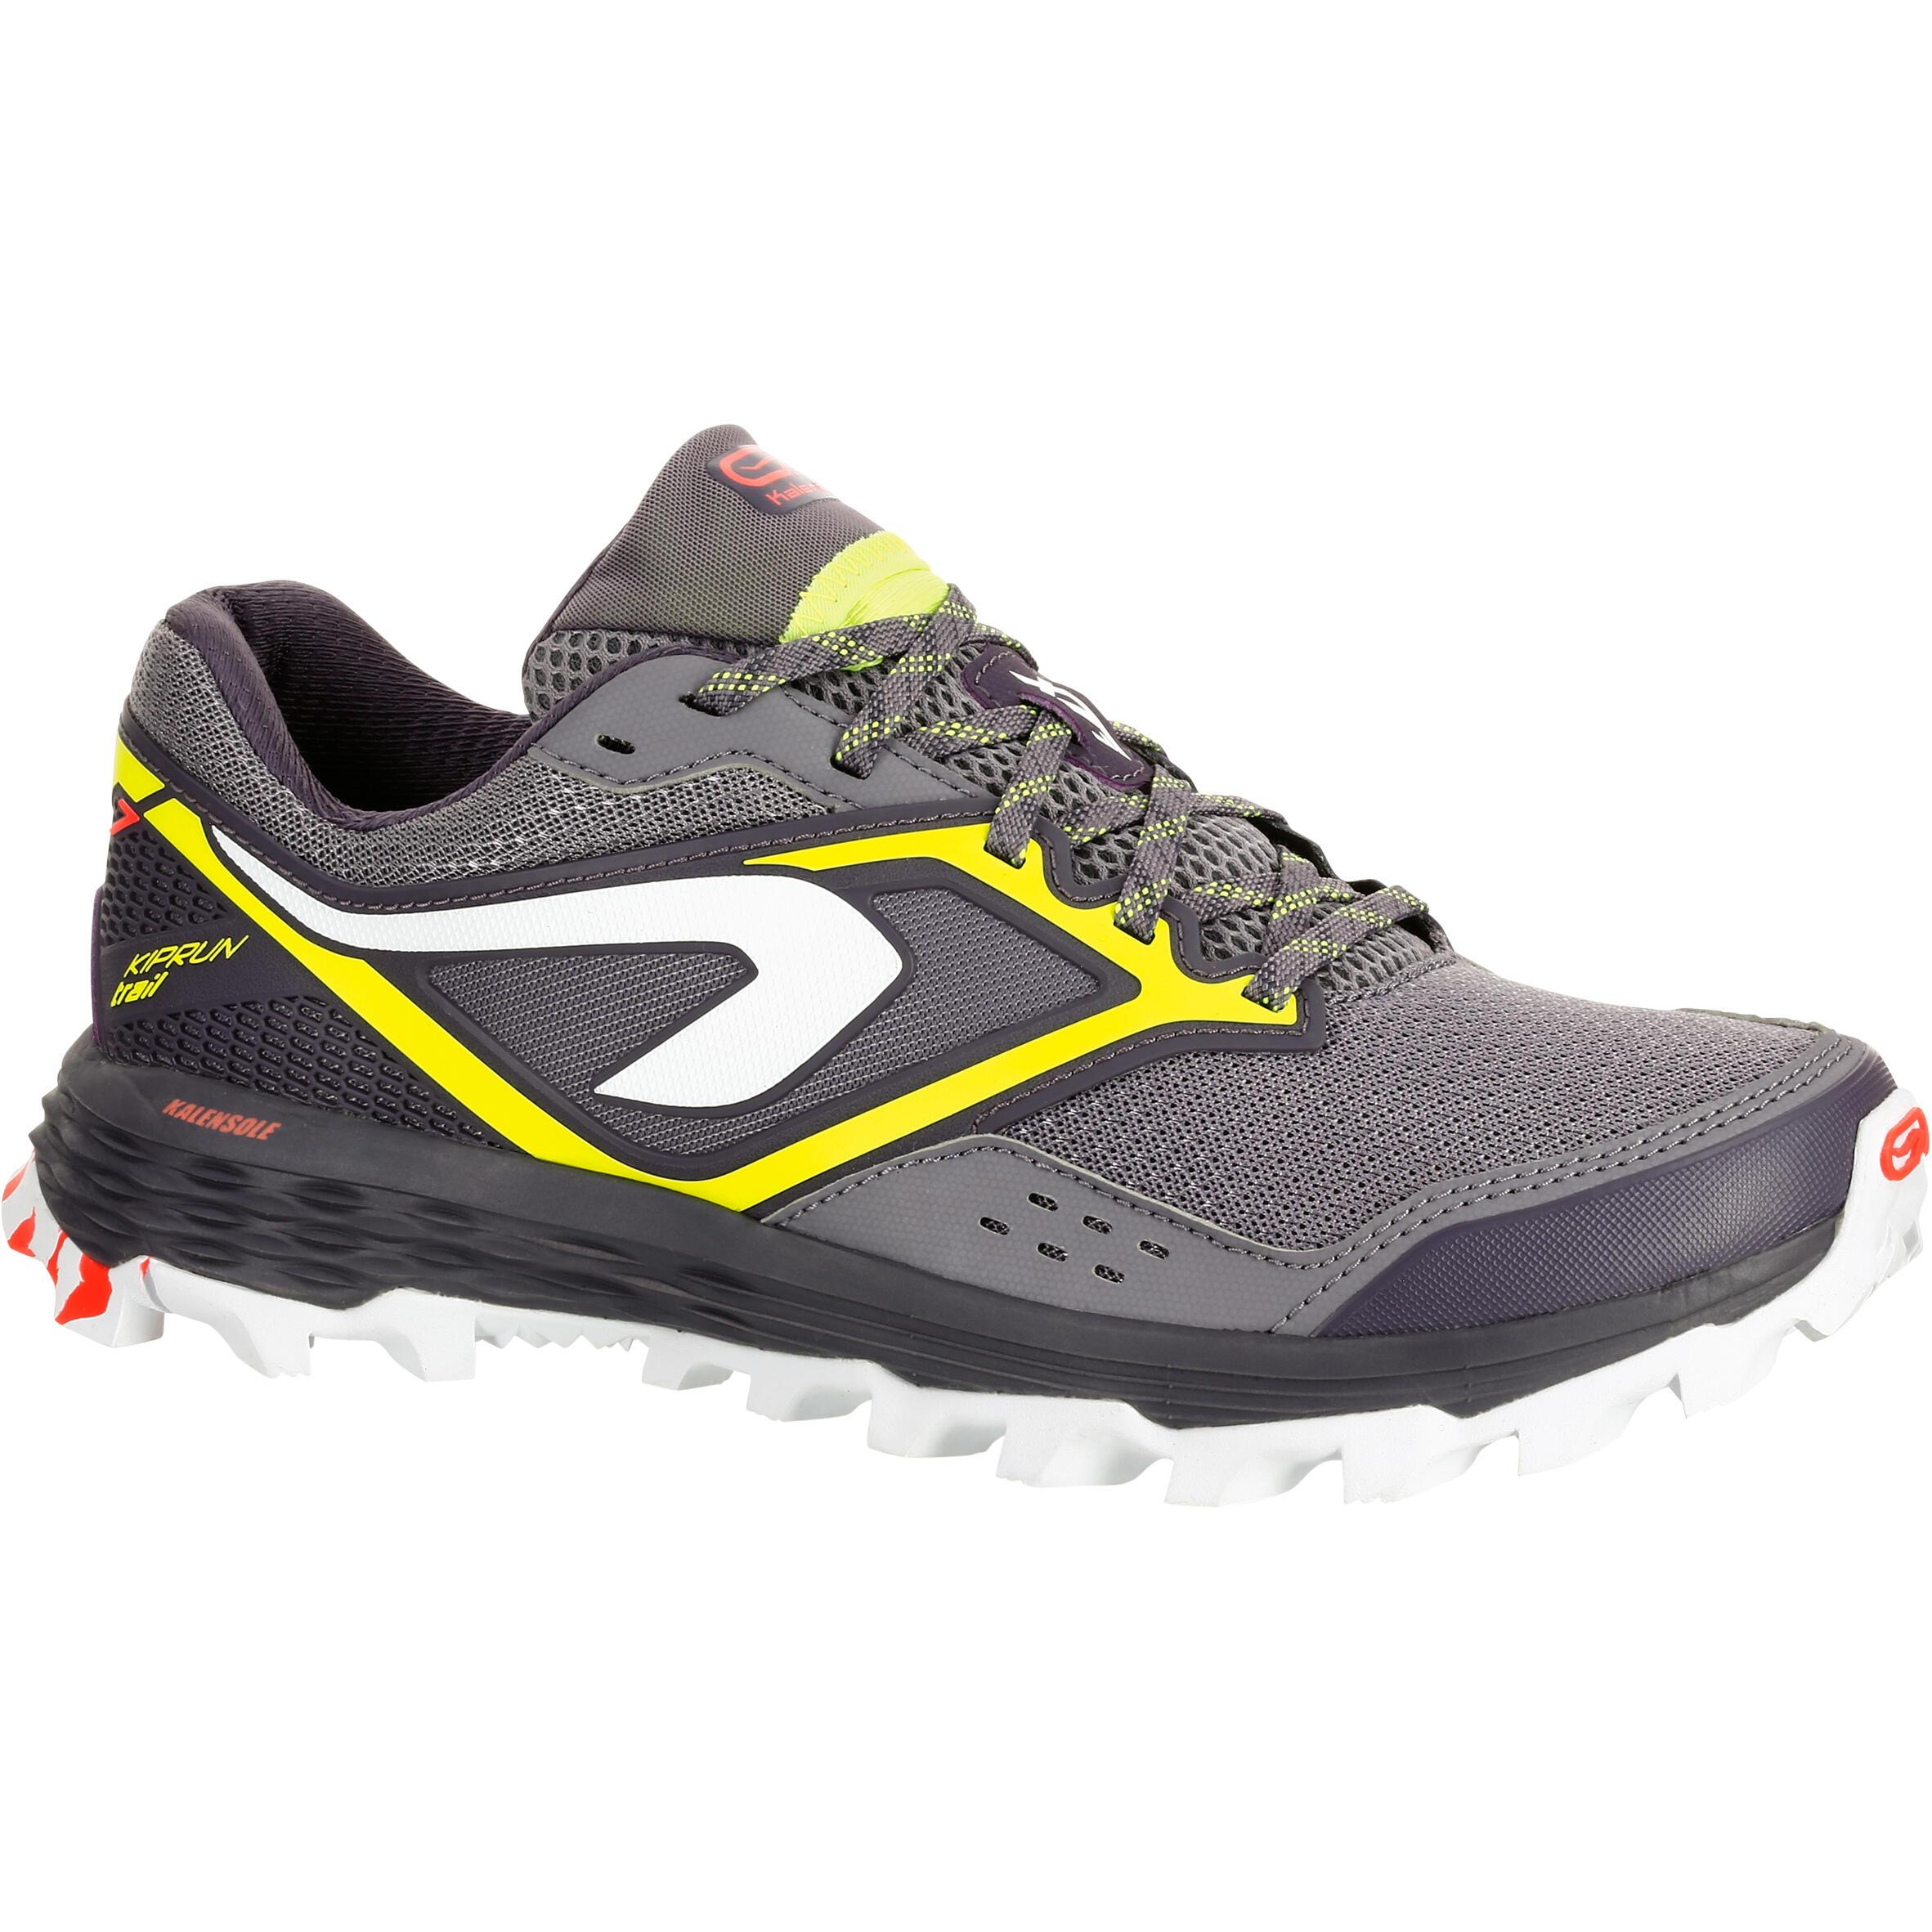 2501114 Kalenji Trailschoenen voor dames Kiprun Trail XT 7 grijs geel